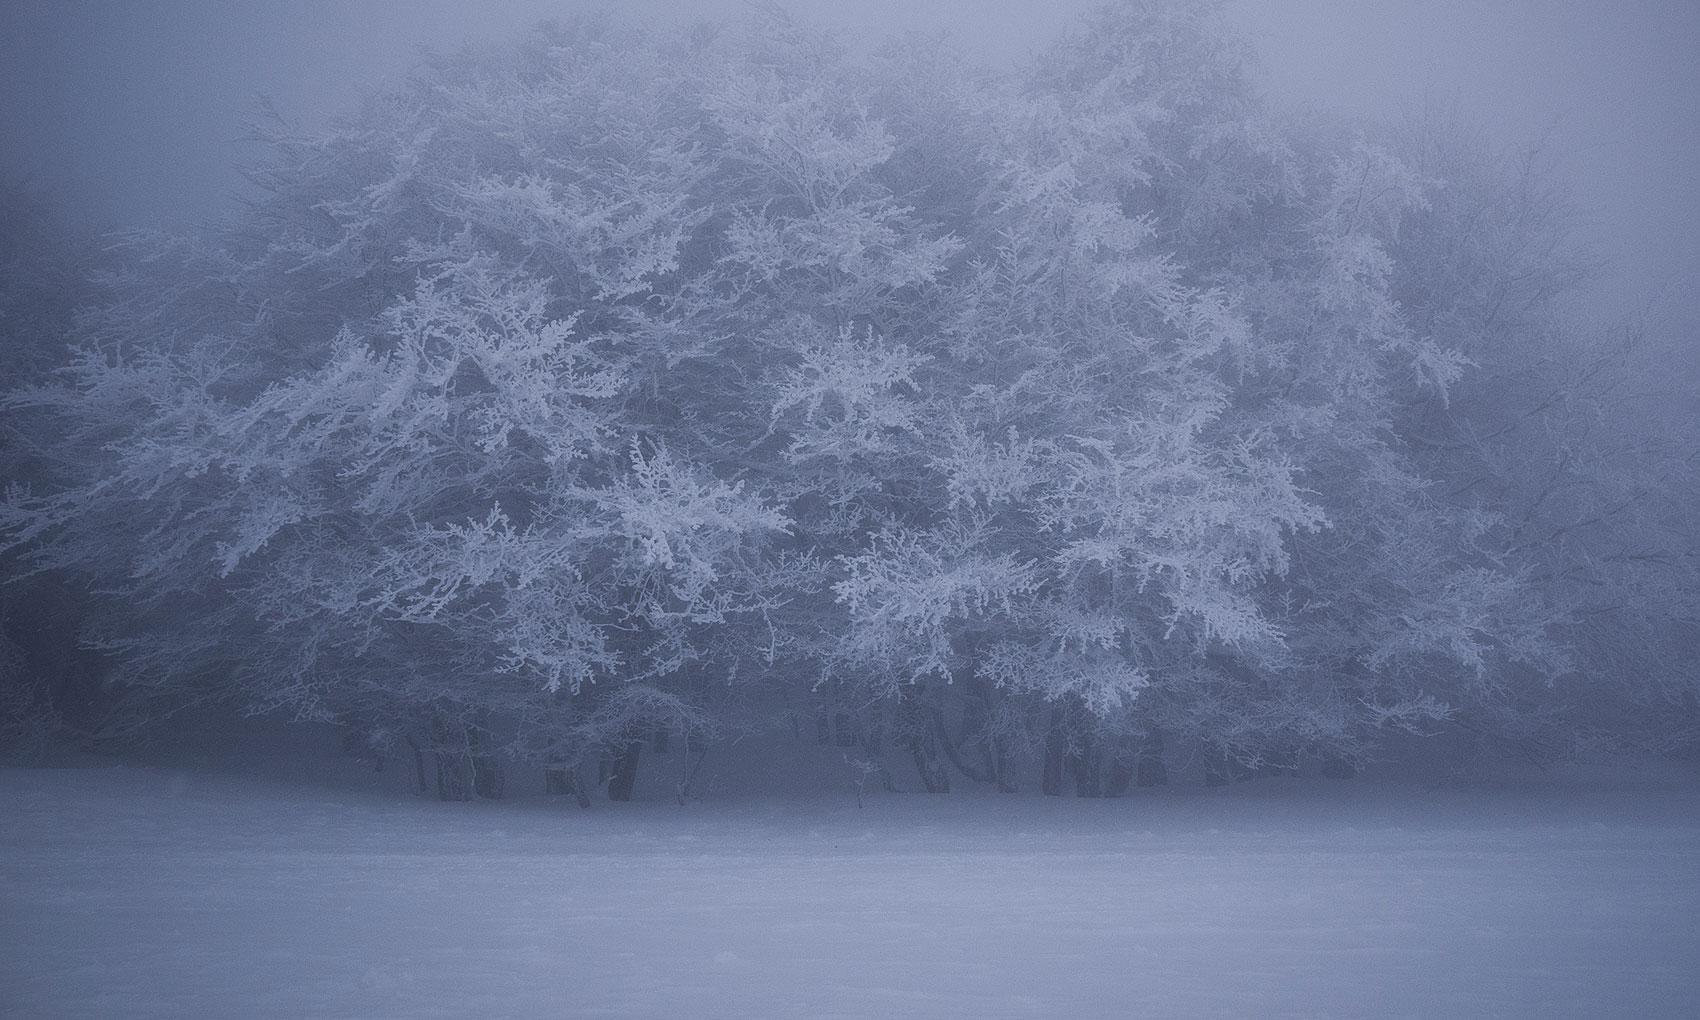 vosges-sous-la-neige-6